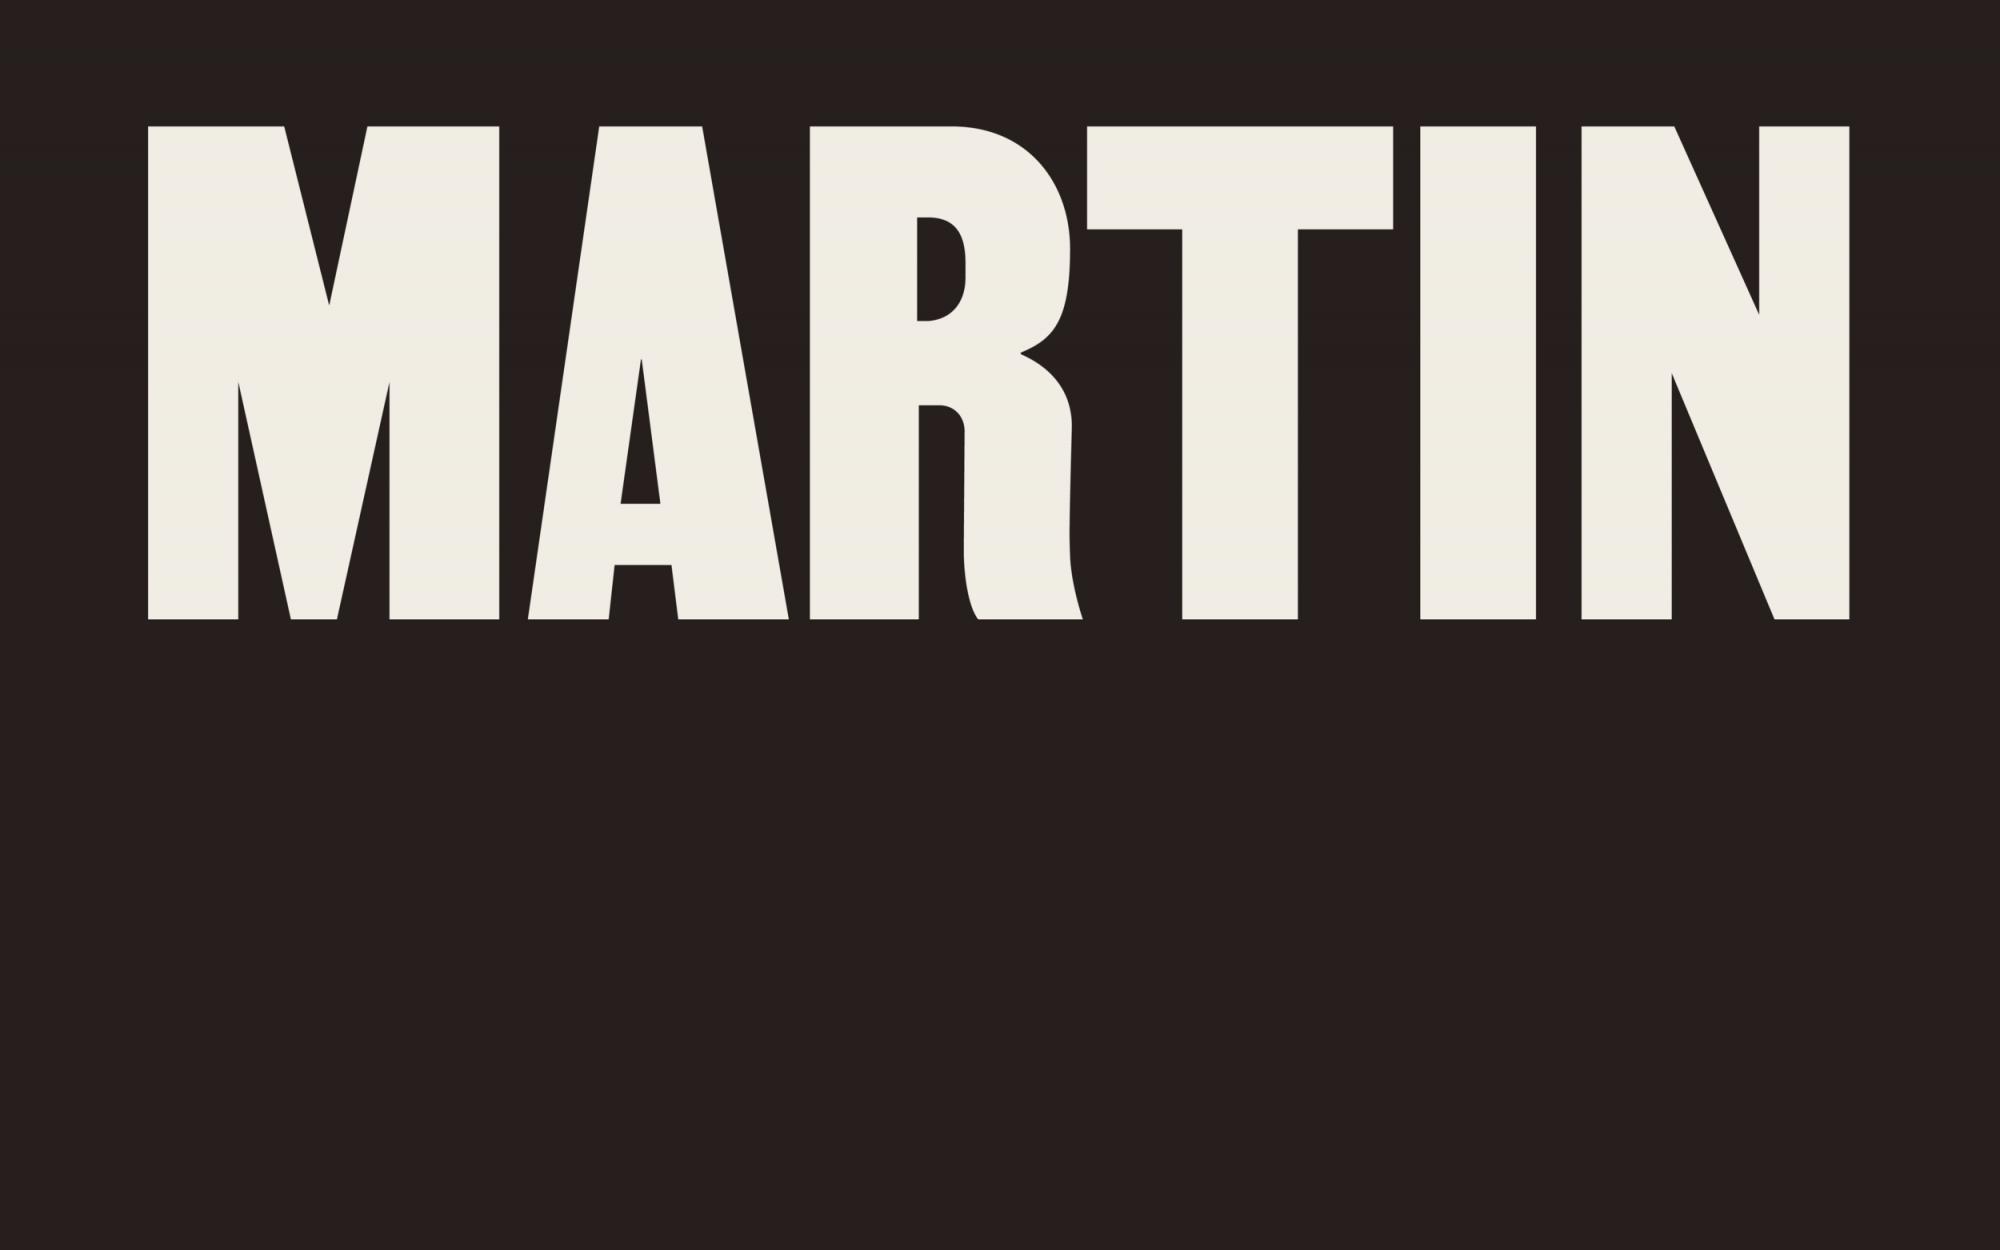 """Das Wort """"Martin"""" in weißen Großbuchstaben auf braunem Hintergrund"""